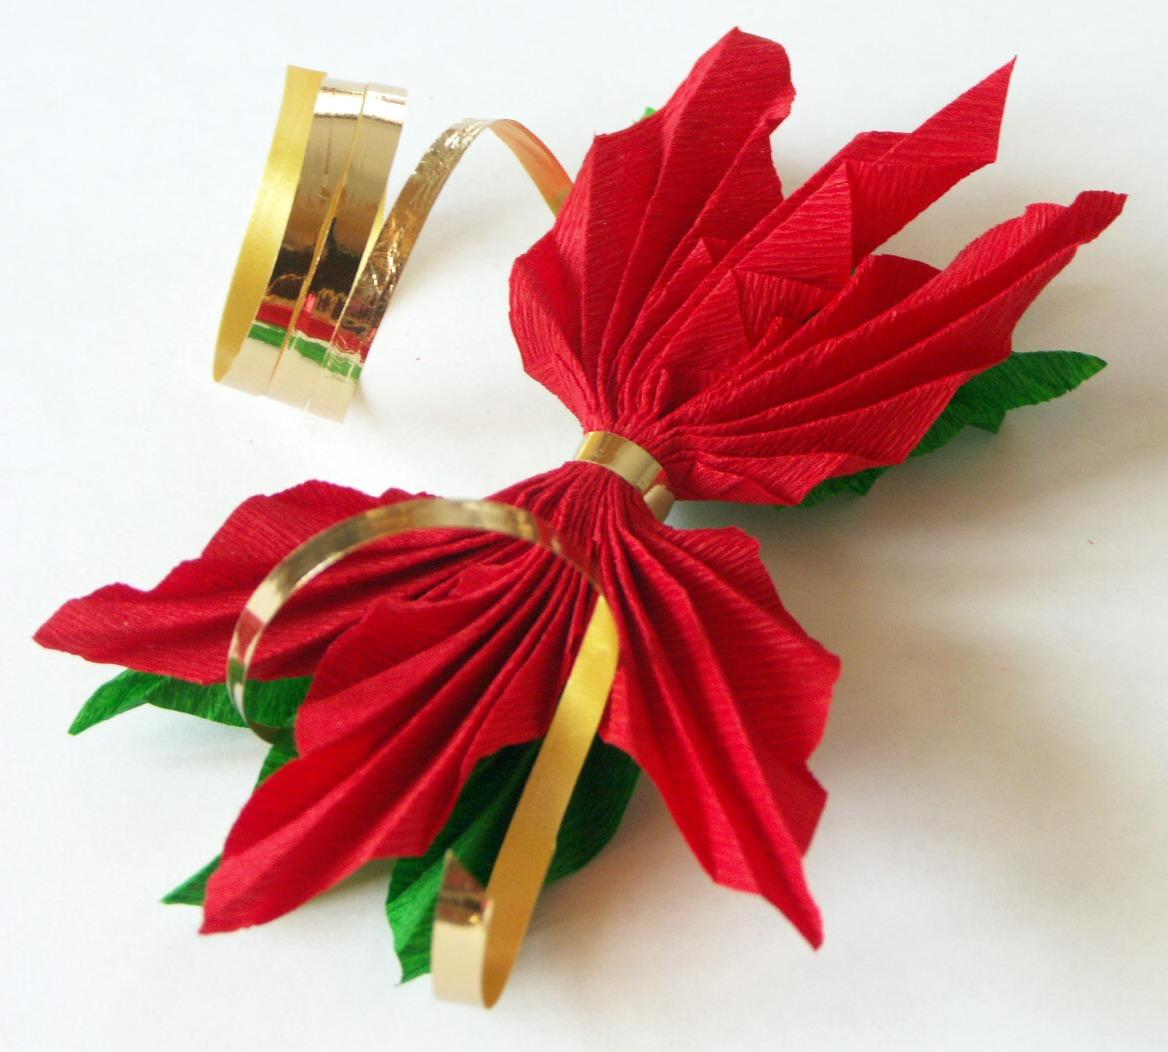 Conosciuto Tatamusetta: tutorial decorazione con stella di natale in carta crespa RB59